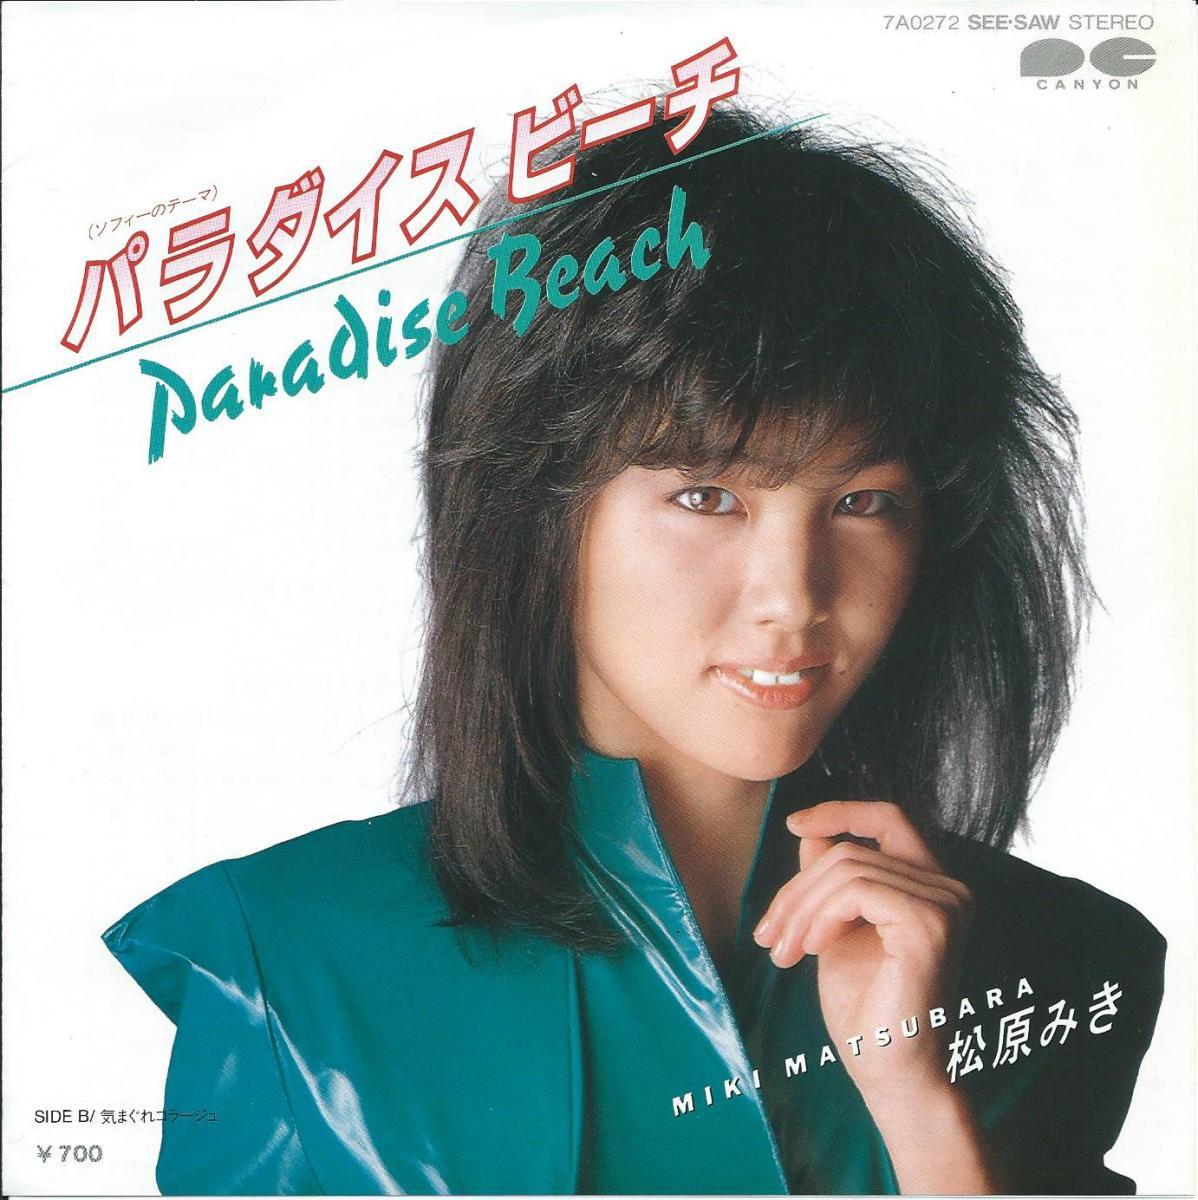 松原みき MIKI MATSUBARA / パラダイス ビーチ (ソフィーのテーマ) PARADISE BEACH (7